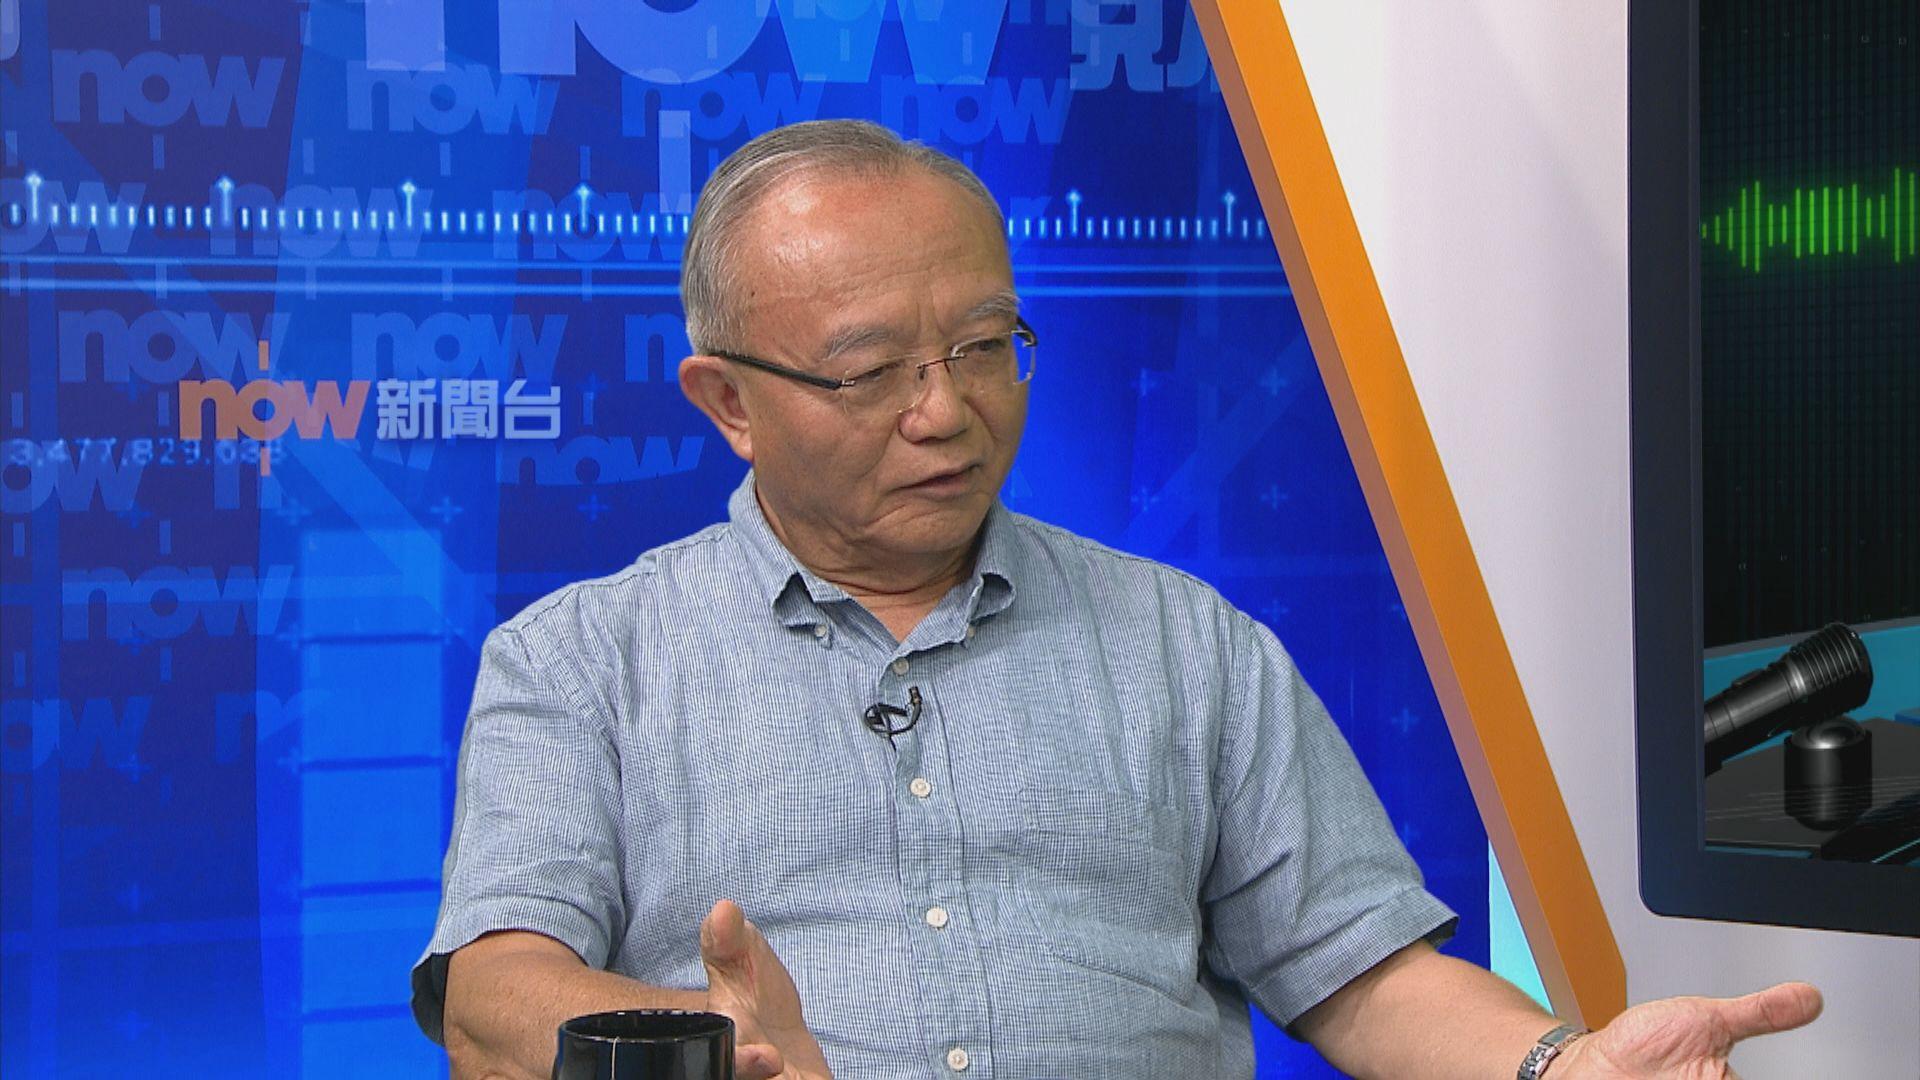 劉兆佳:警方大力壓制下示威活動正逐步降溫